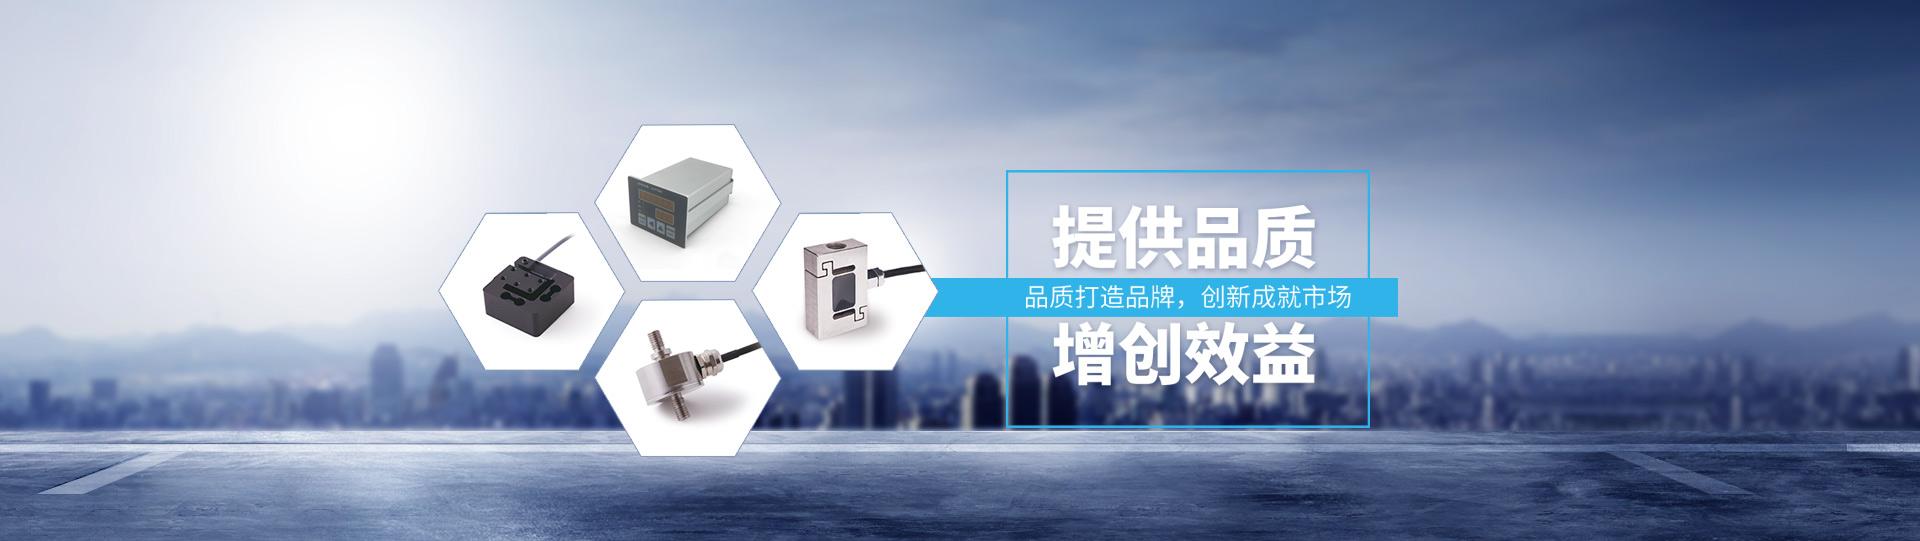 东莞市名胜自动化设备有限公司